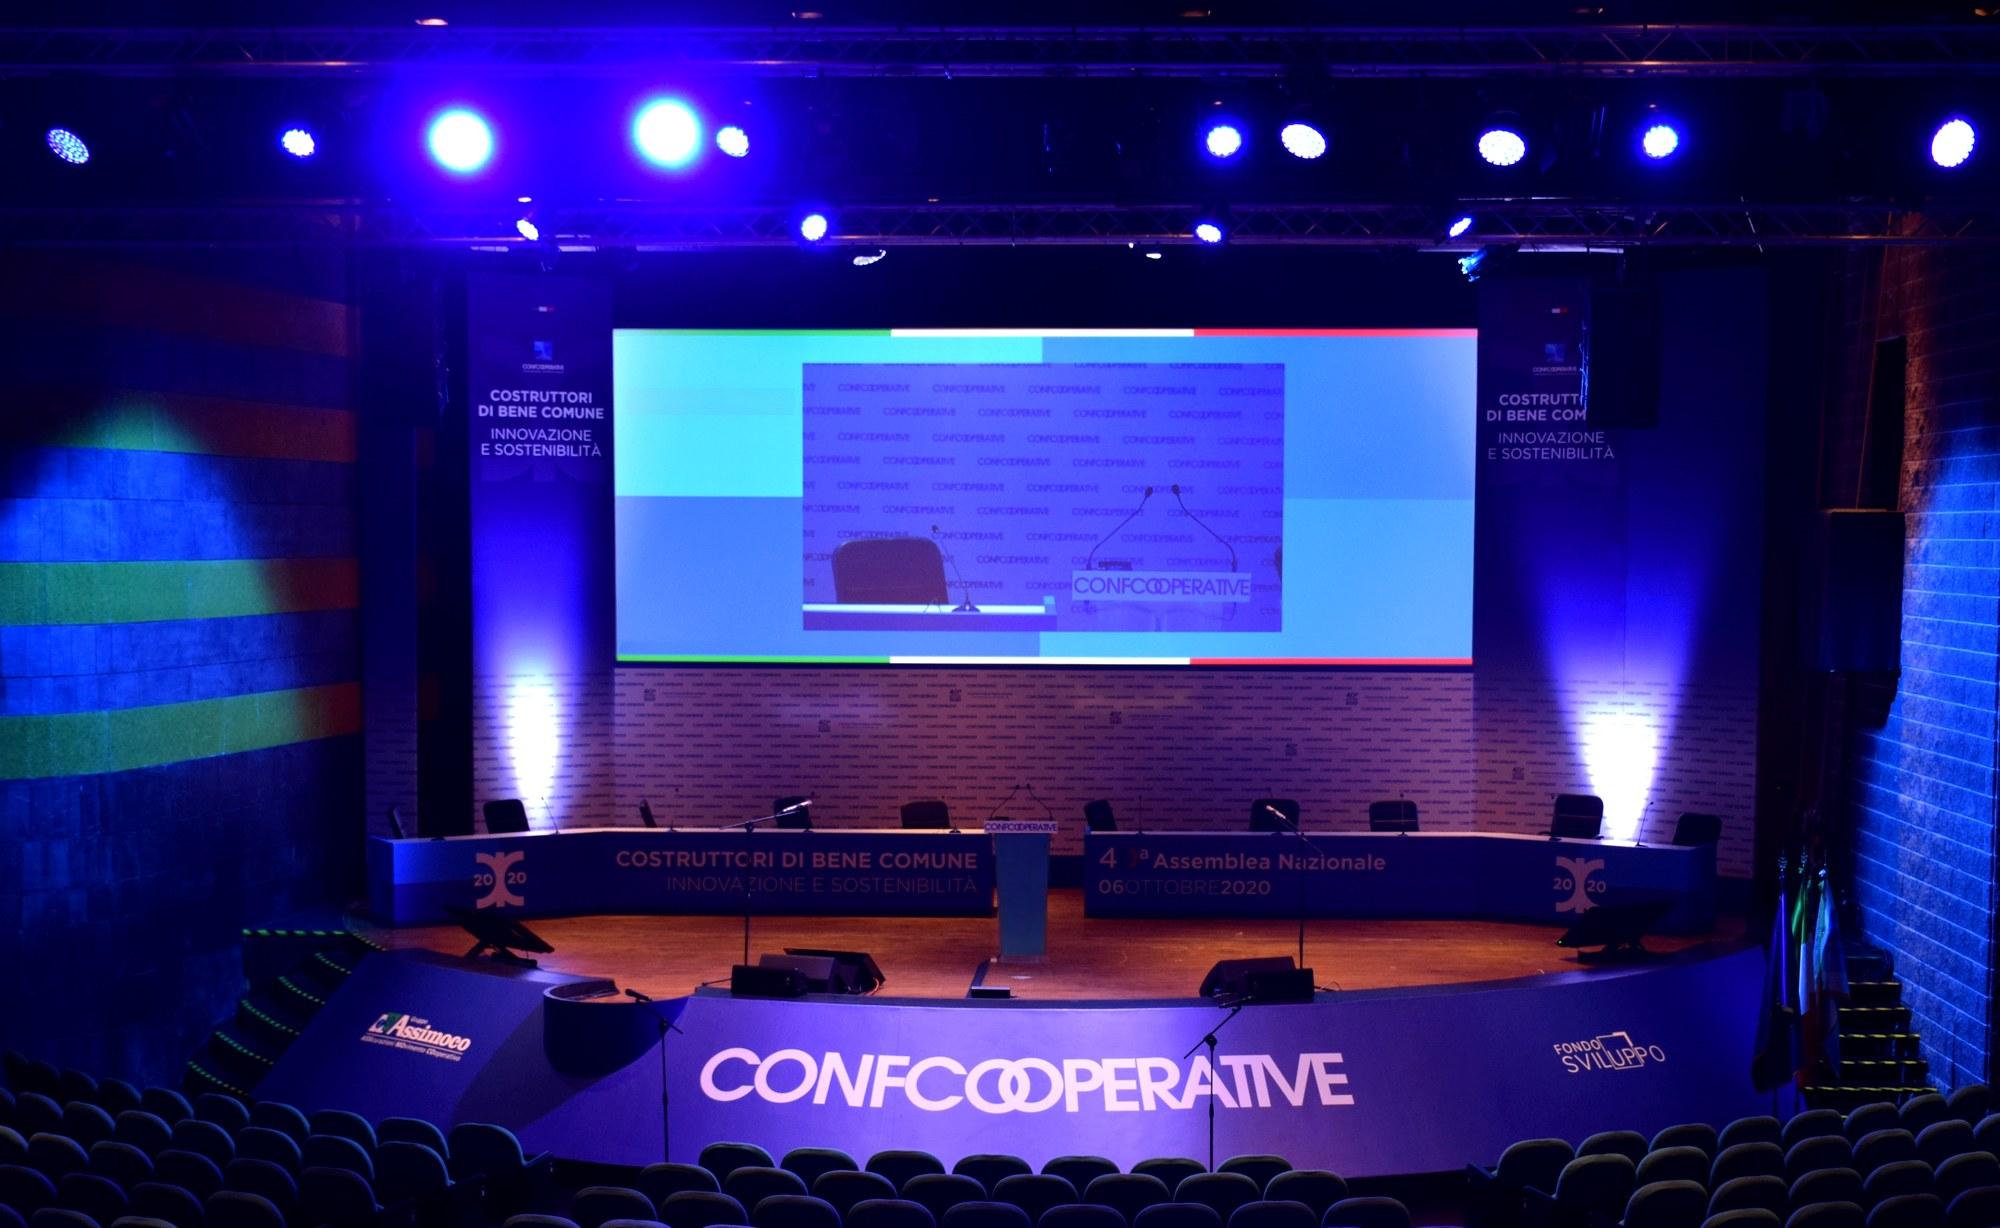 sala massimo confcooperative 2020